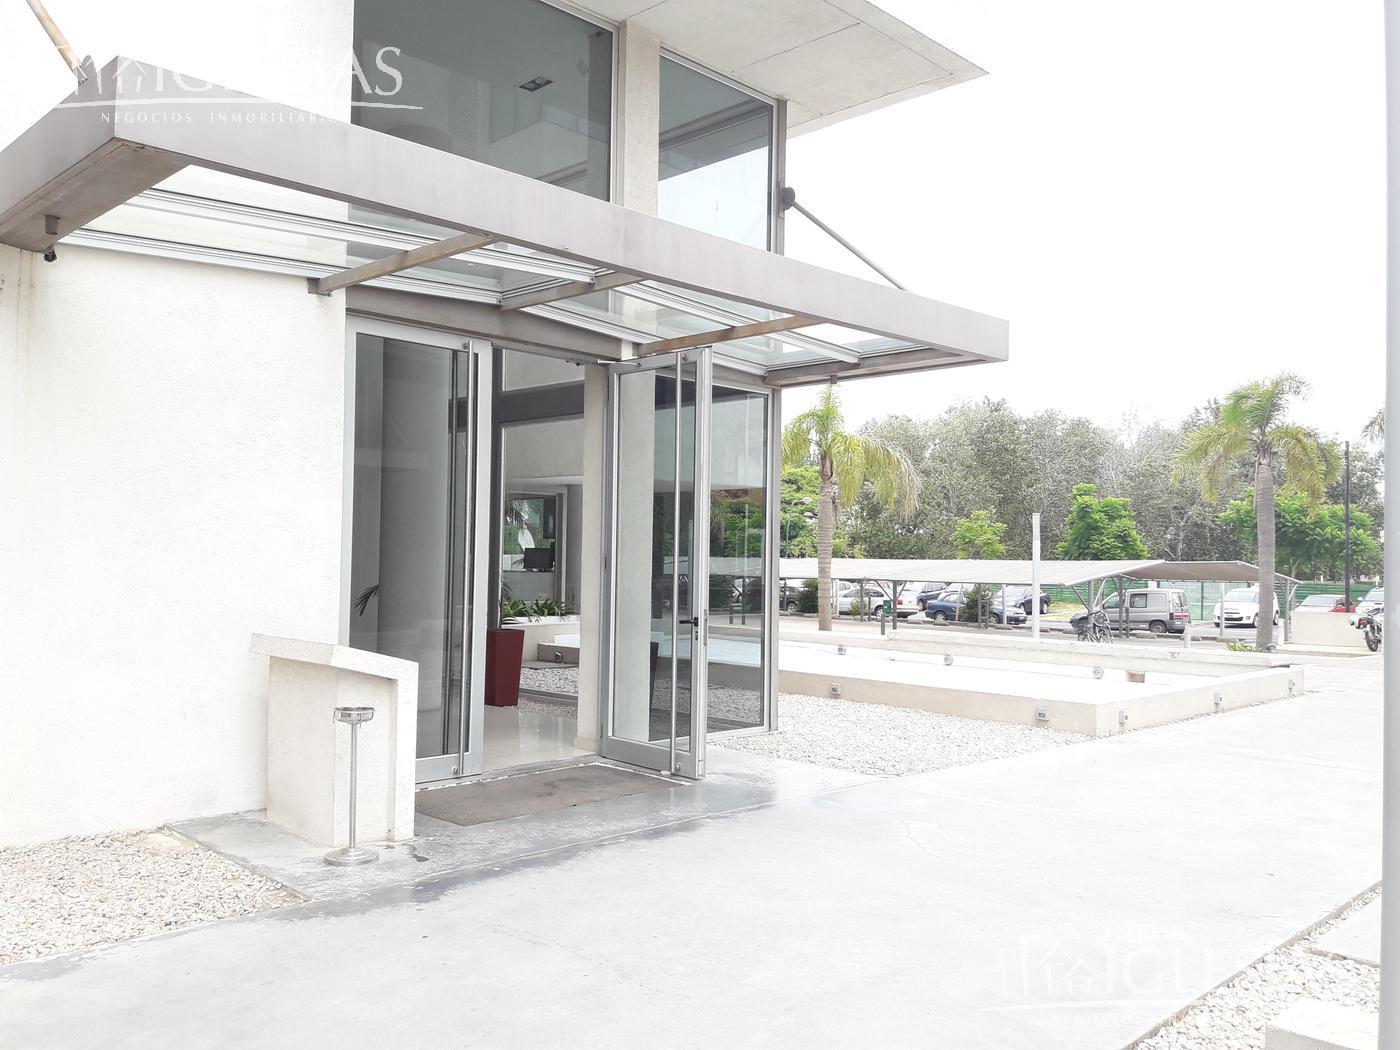 Departamento en Venta en Nordelta North Coral Plaza a Venta - u$s 98.700